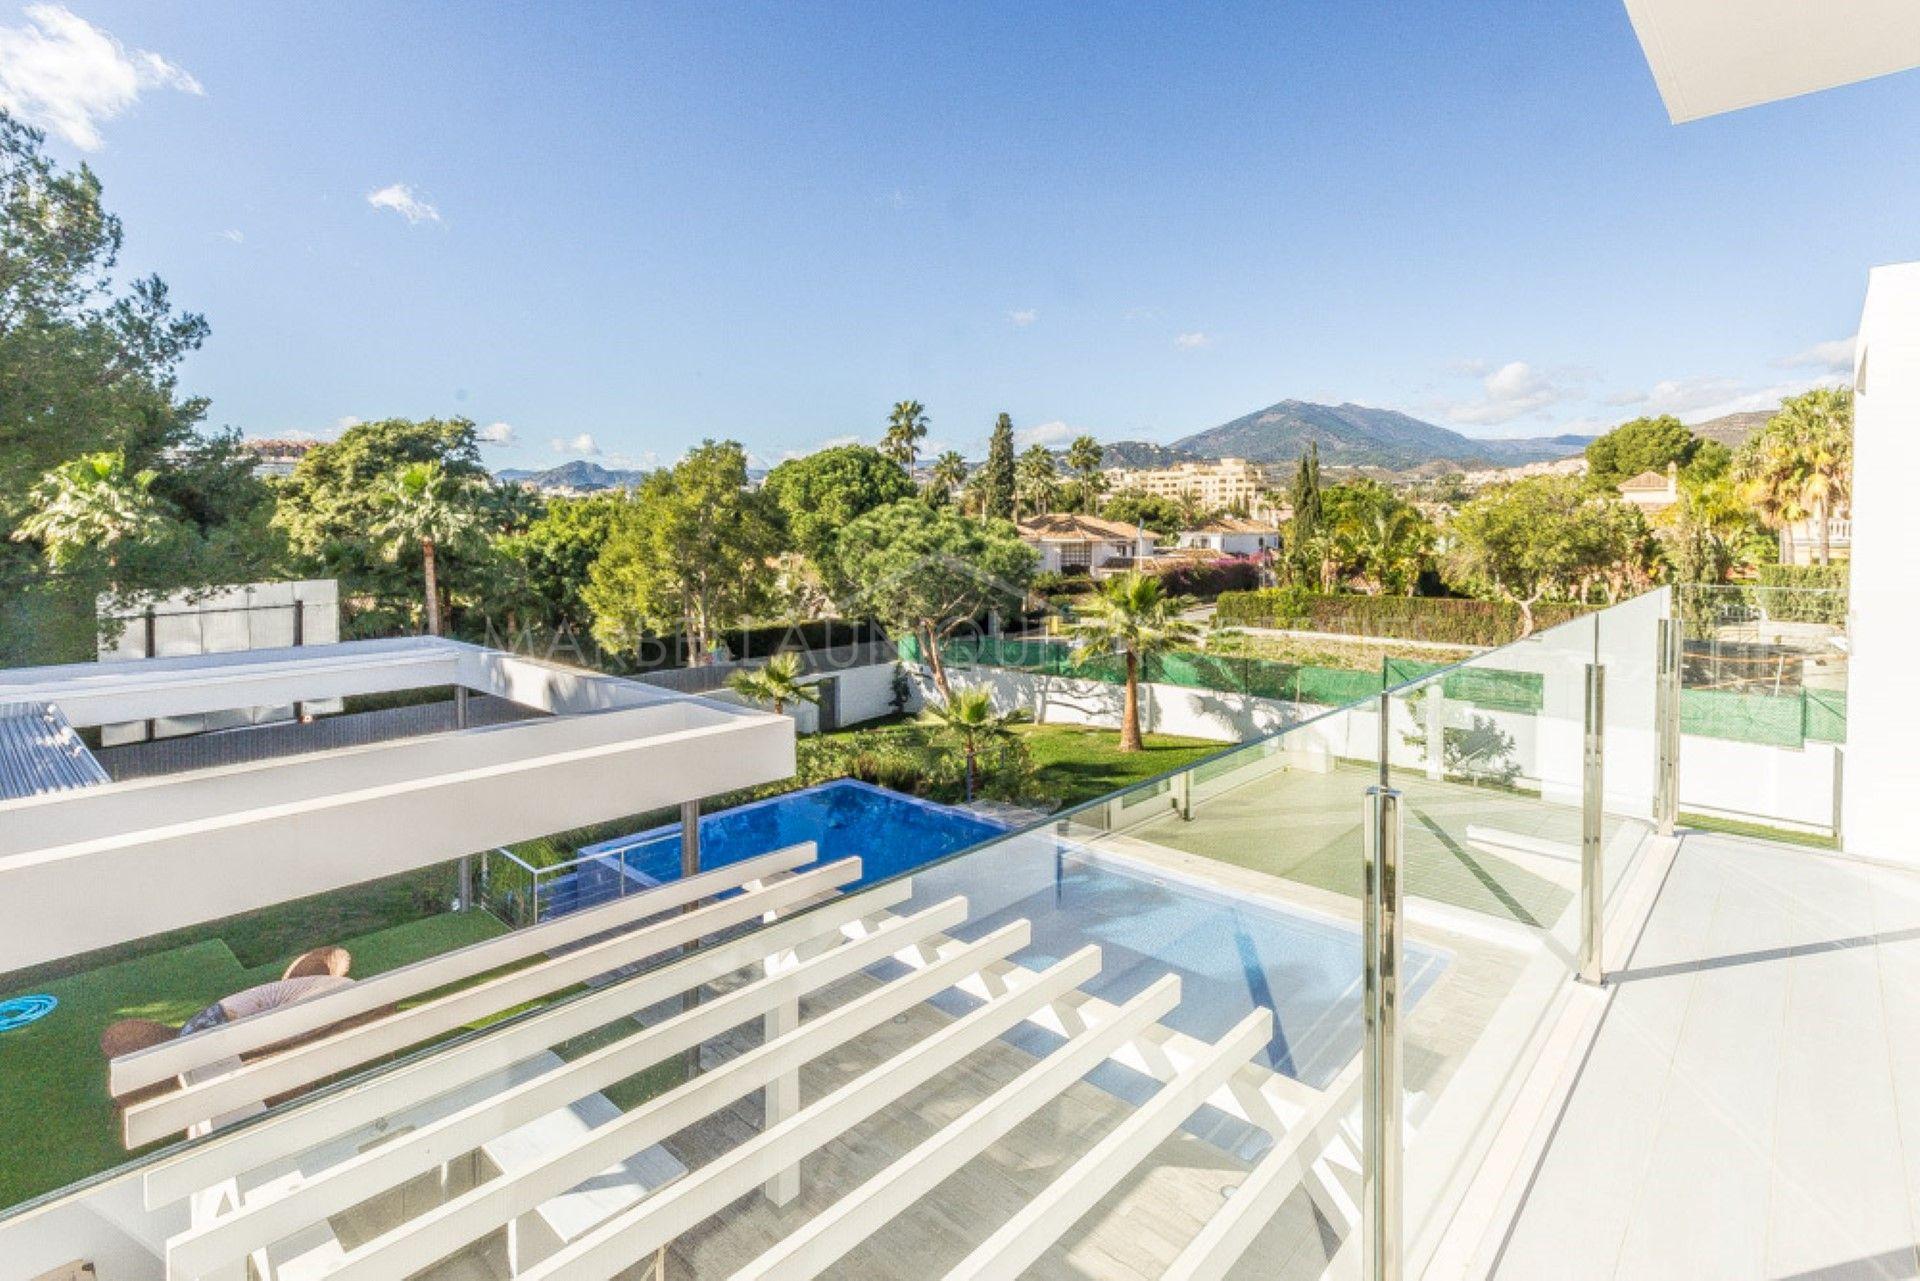 Una villa moderna con 6 dormitorios en aloha nueva andaluc a - La sala nueva andalucia ...